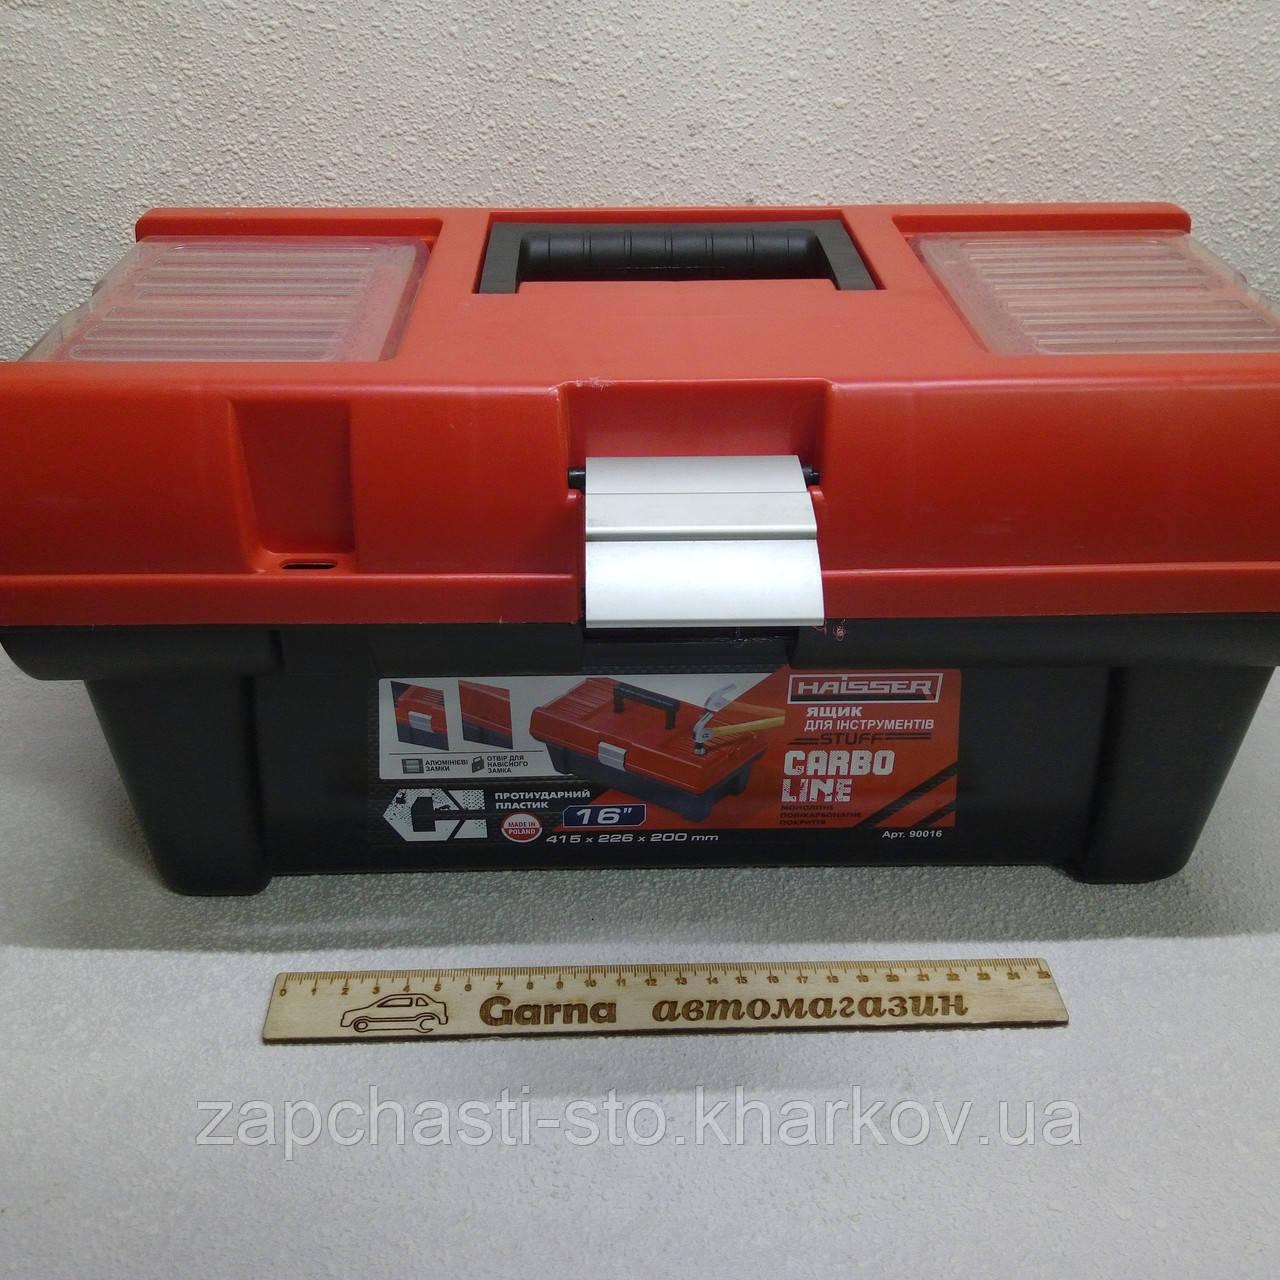 Ящик валіза для інструменту пластиковий посилений 16 (коробка)